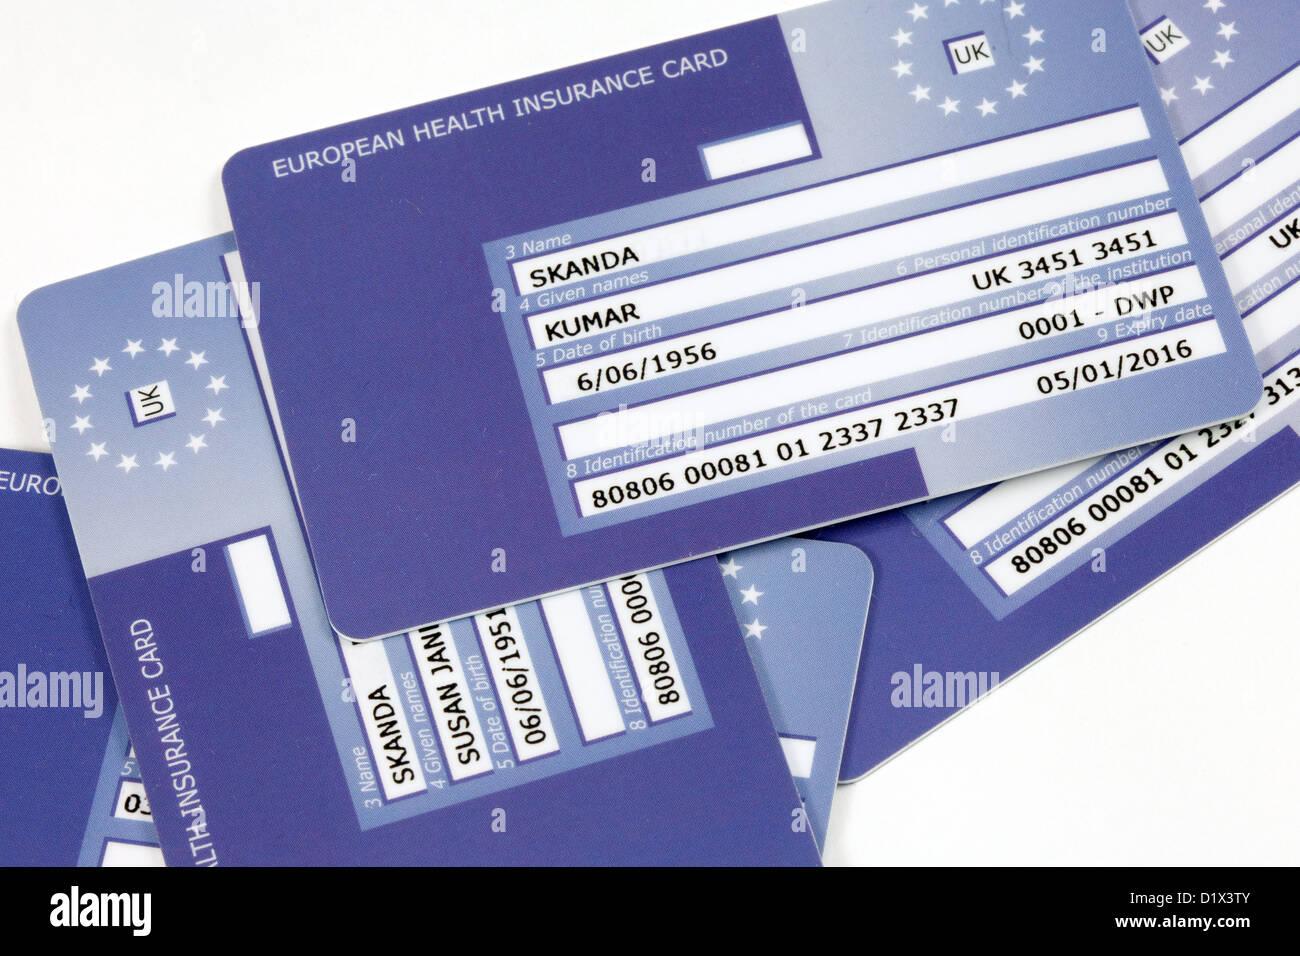 Carte Assurance Maladie Royaume Uni.Les Cartes D Assurance Maladie Europeenne Ou E111 Carte Au